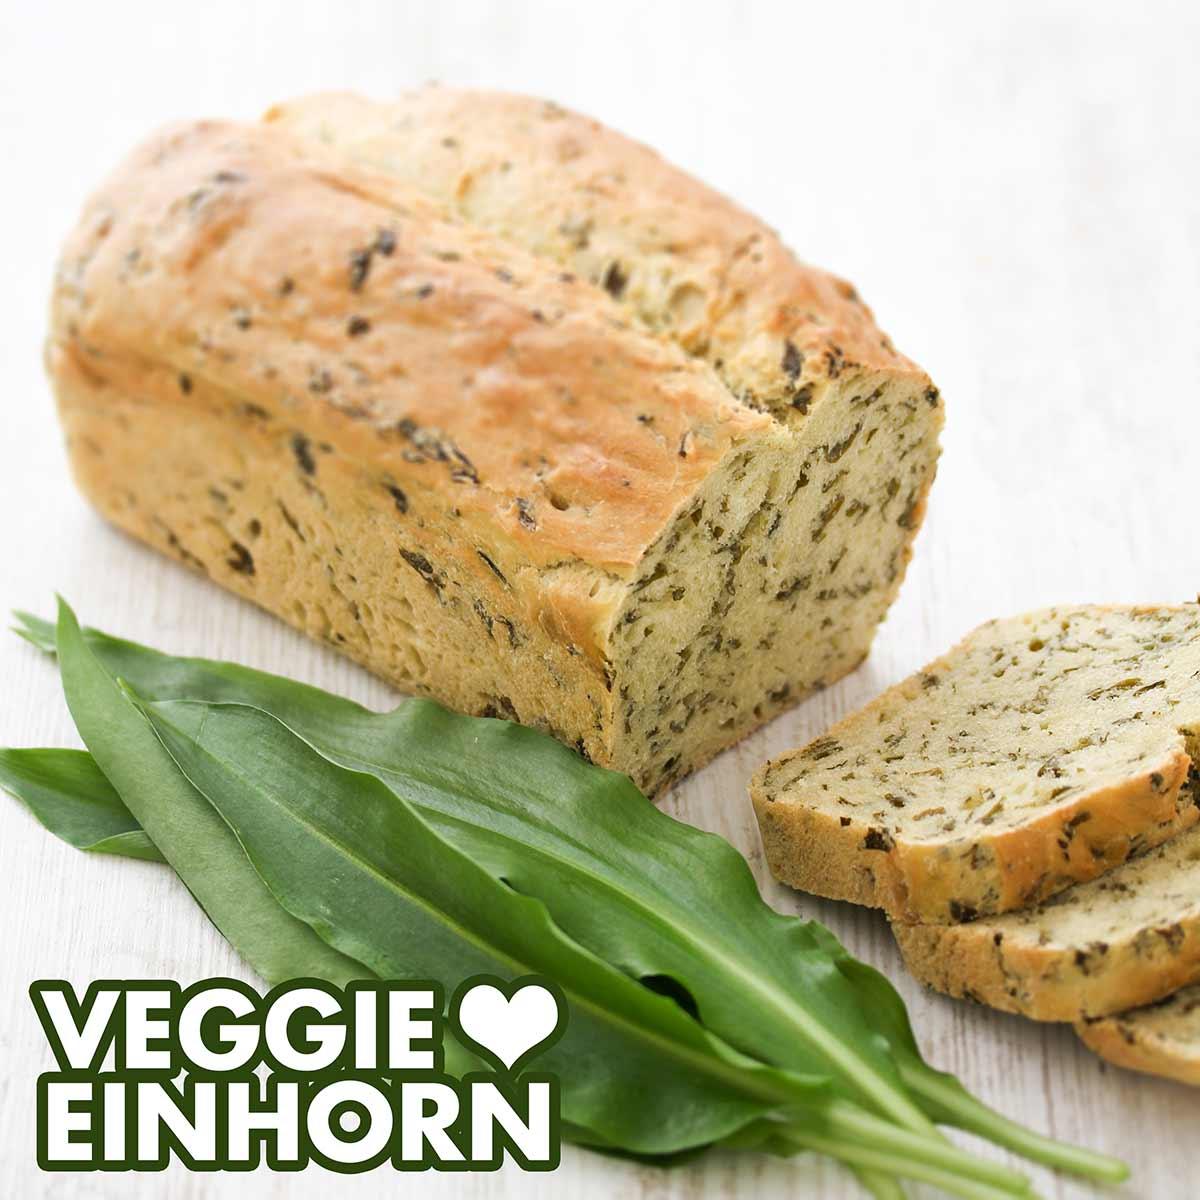 Frische Bärlauchblätter und ein Brot mit Bärlauch